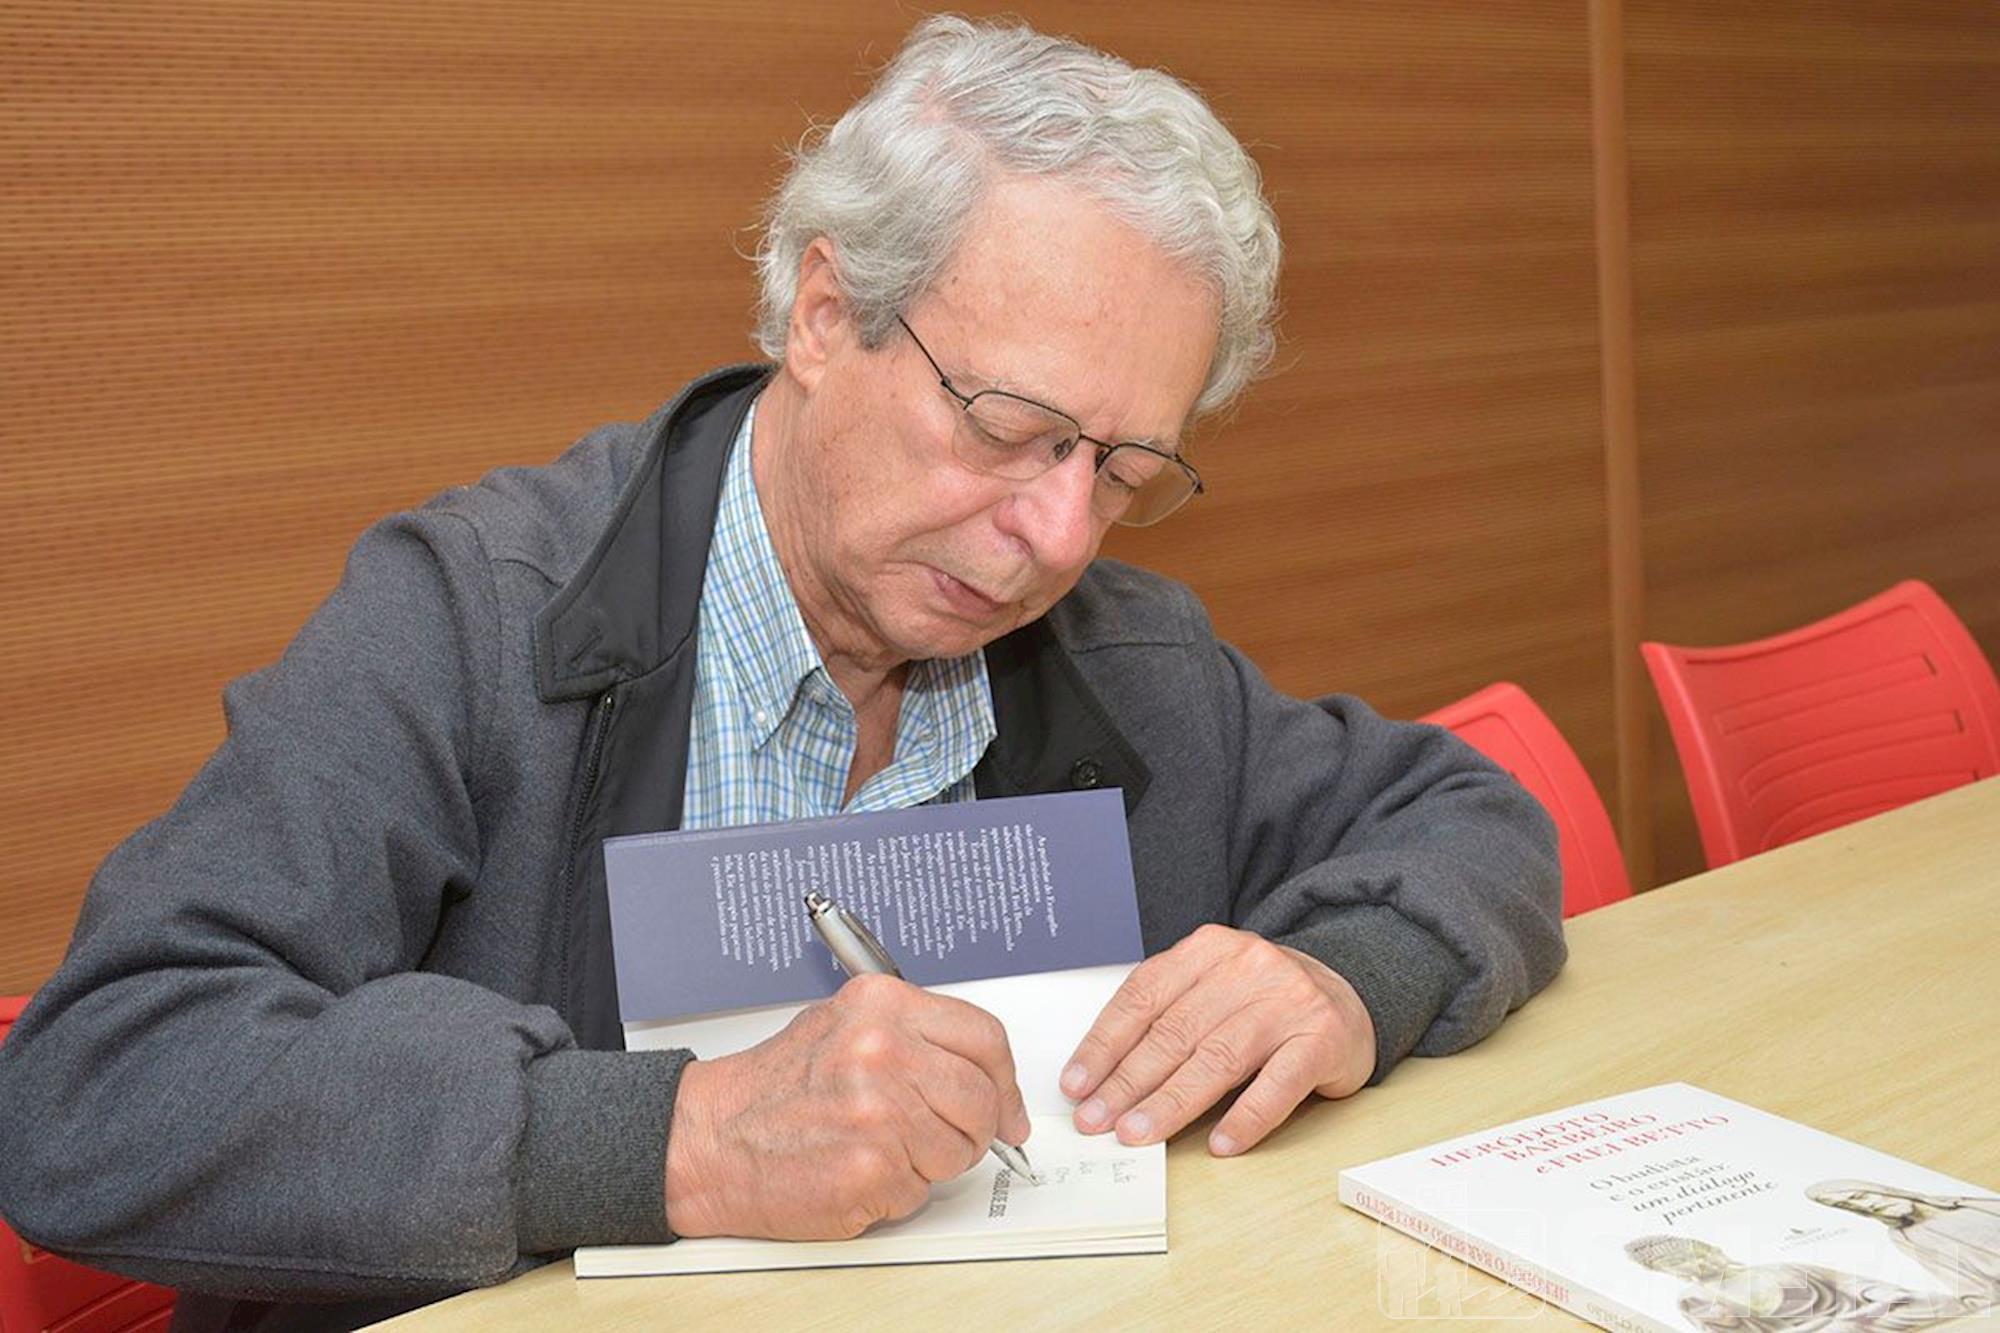 Frei Betto lança livros no SMetal, frei,  betto,  livro,  smetal,  lançamento, Foguinho/Imprensa SMetal, Frei Betto lança três novos livros na sede do SMetal